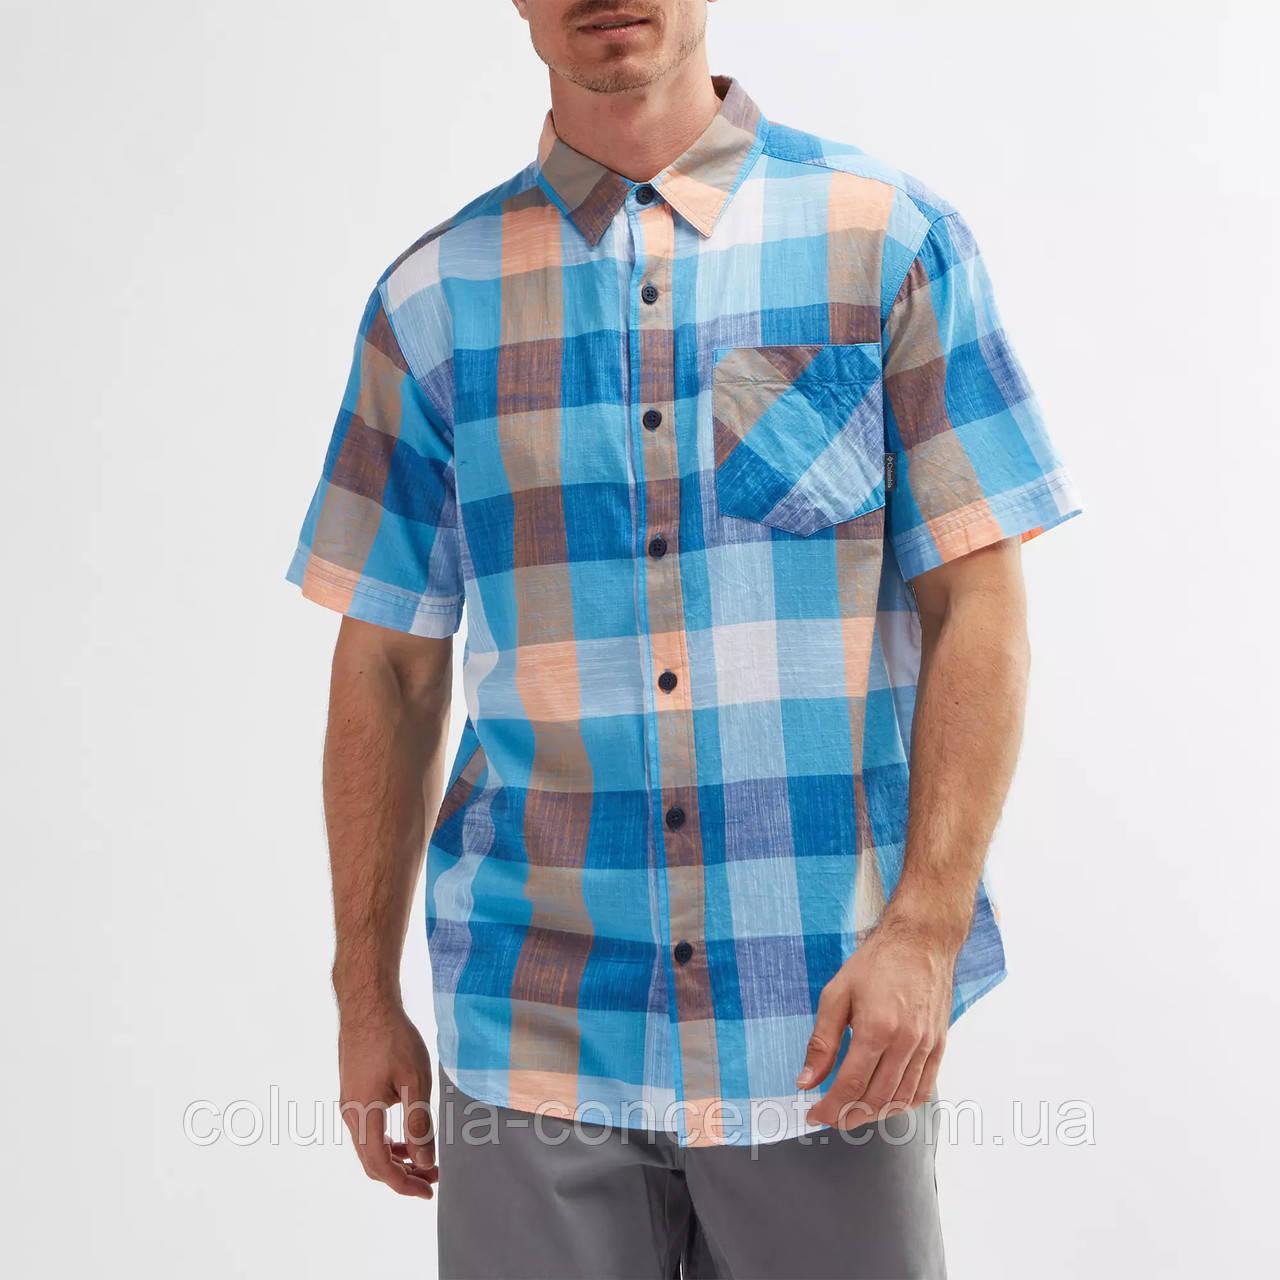 Рубашка мужская Columbia Katchor II Short